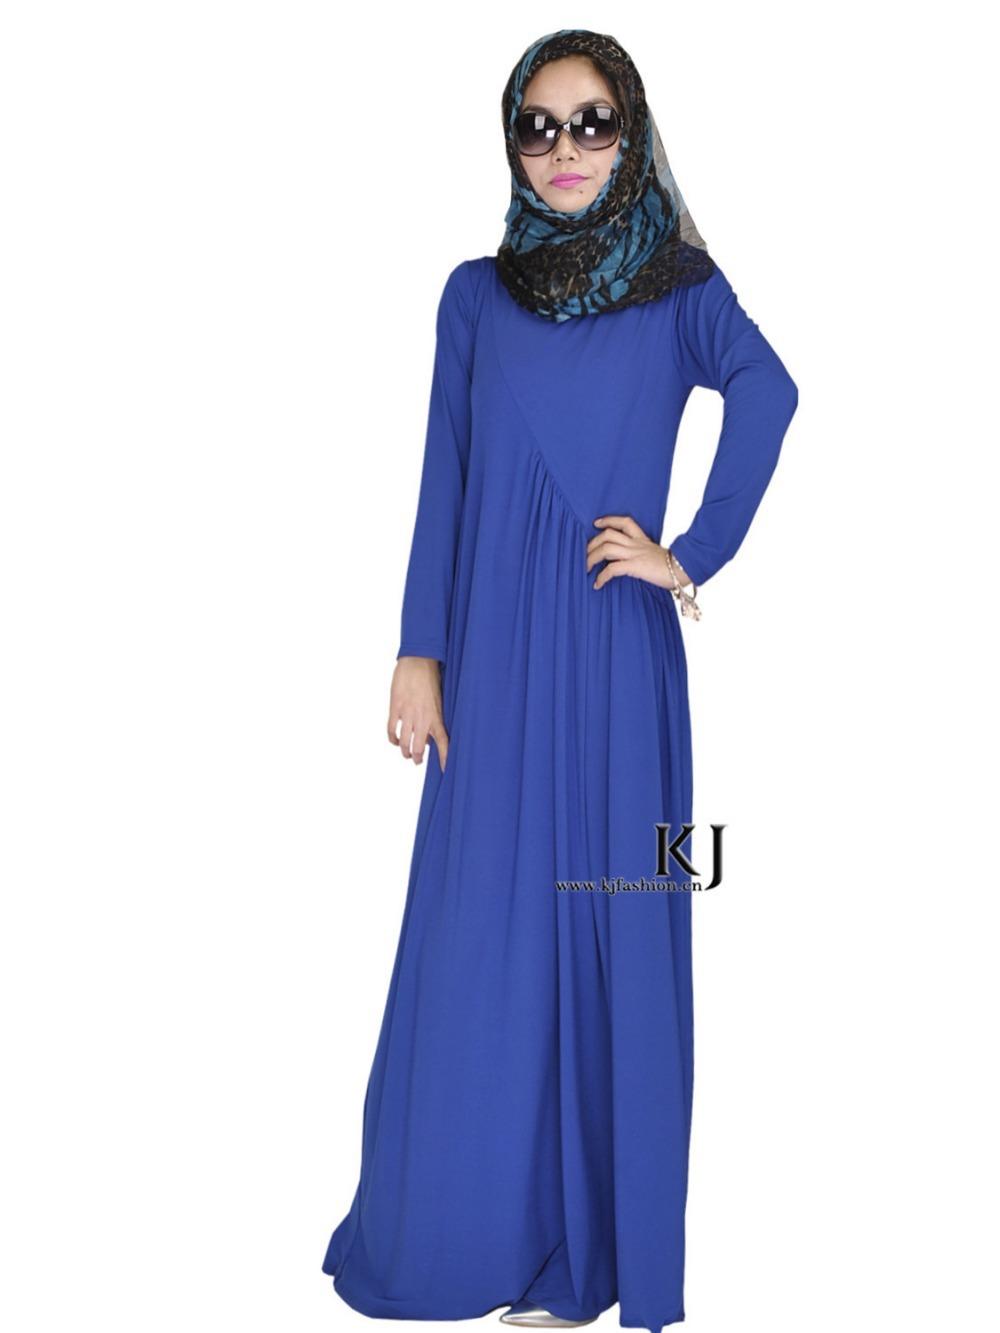 KJ2015 abaya plus size islamic clothing for women turkish ...